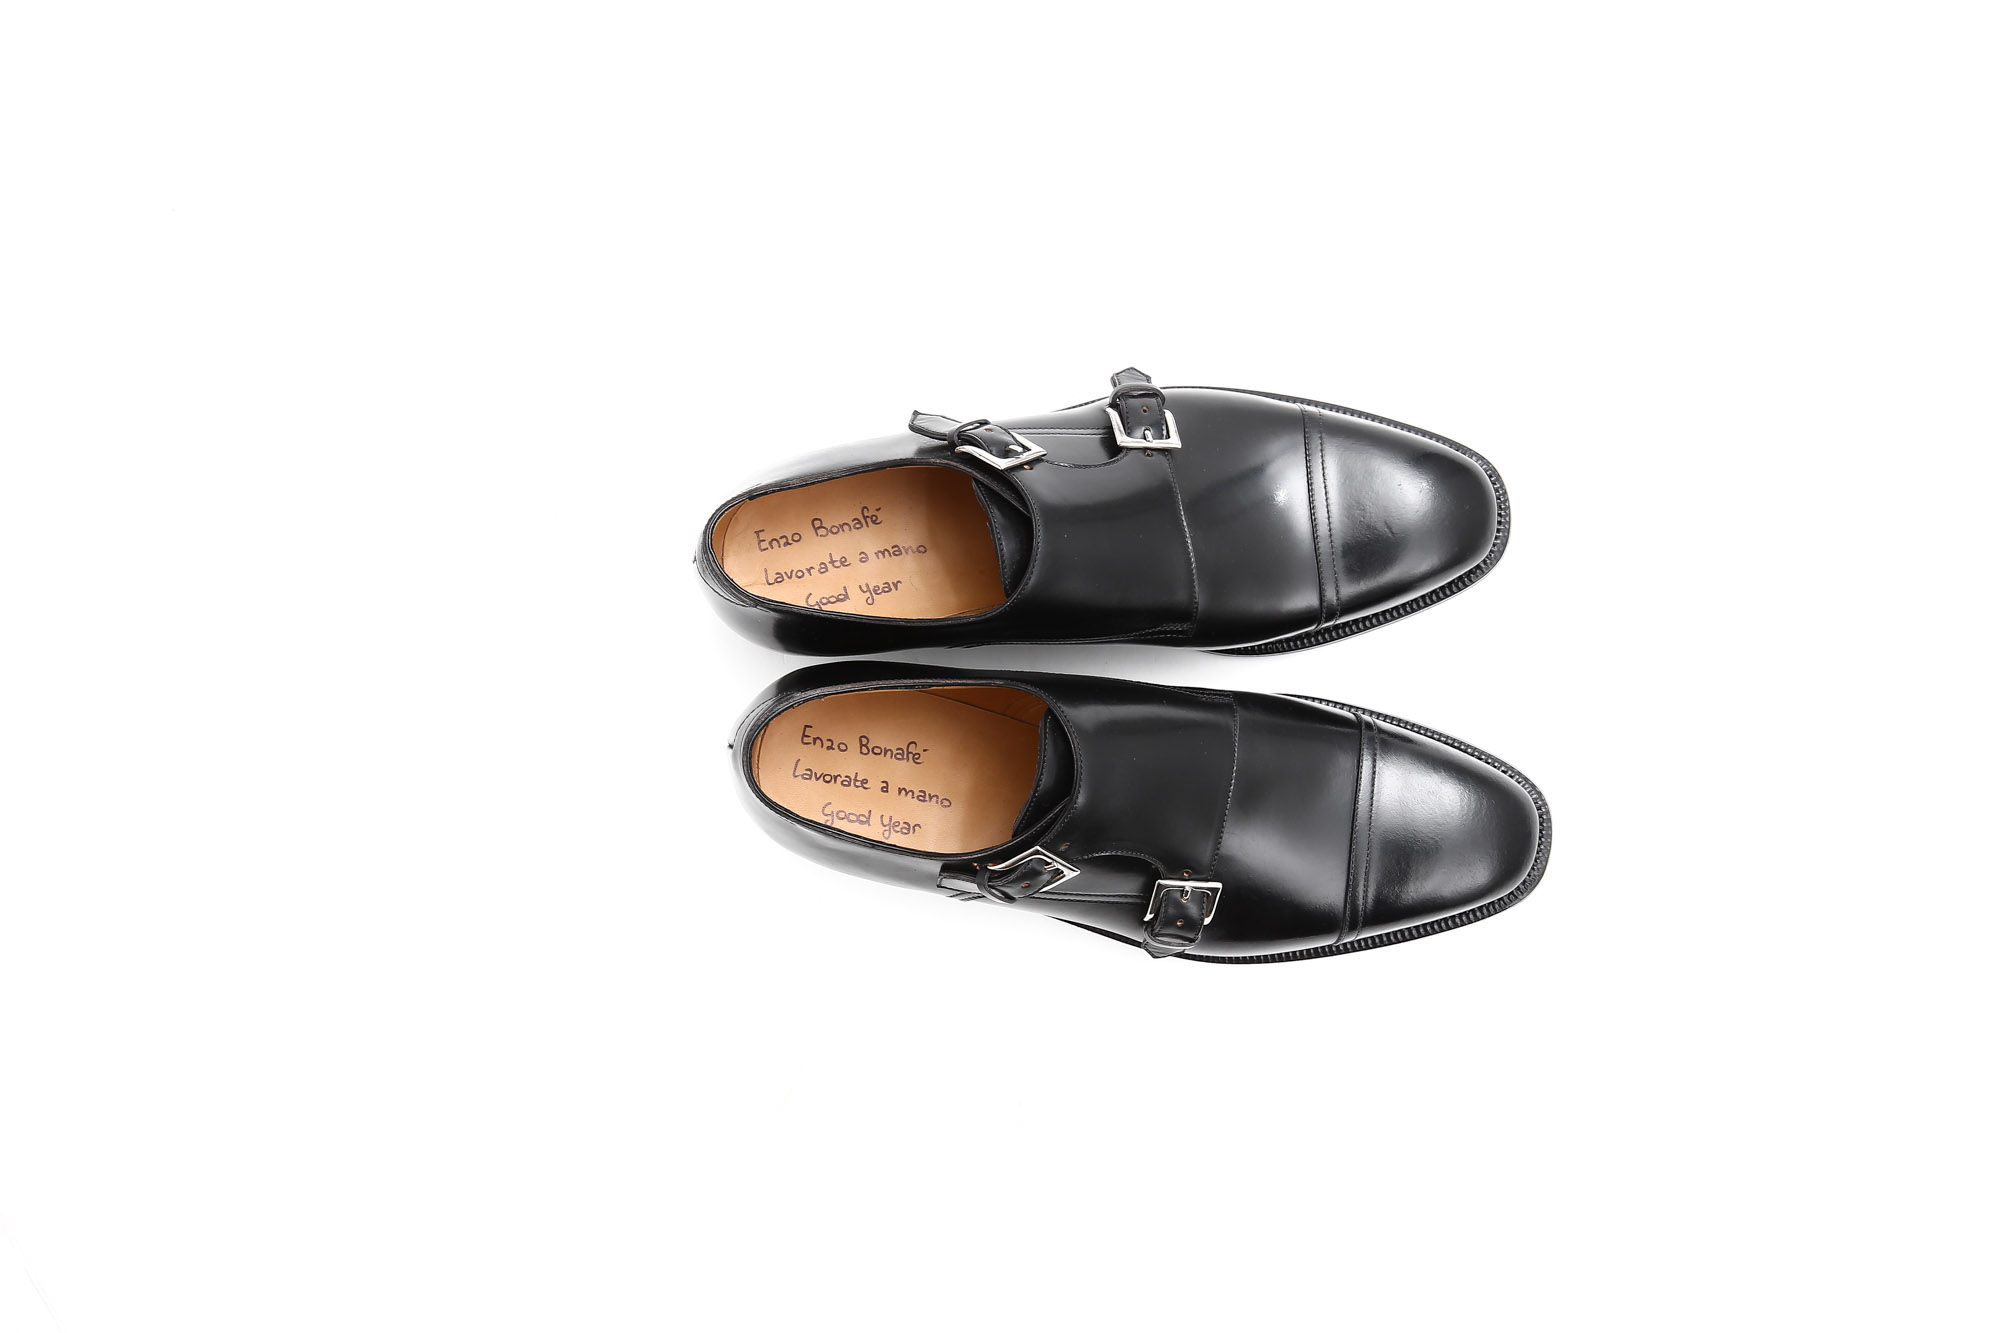 エンツォボナフェ(ENZO BONAFE) ダブルモンクストラップシューズ(double monk strap shoes)ホーウィンシェルコードバンHorween Shell Cordovan leather  ブラック(NERO)  愛知 名古屋 zodiac ゾディアック 取扱い ボナフェ 別注